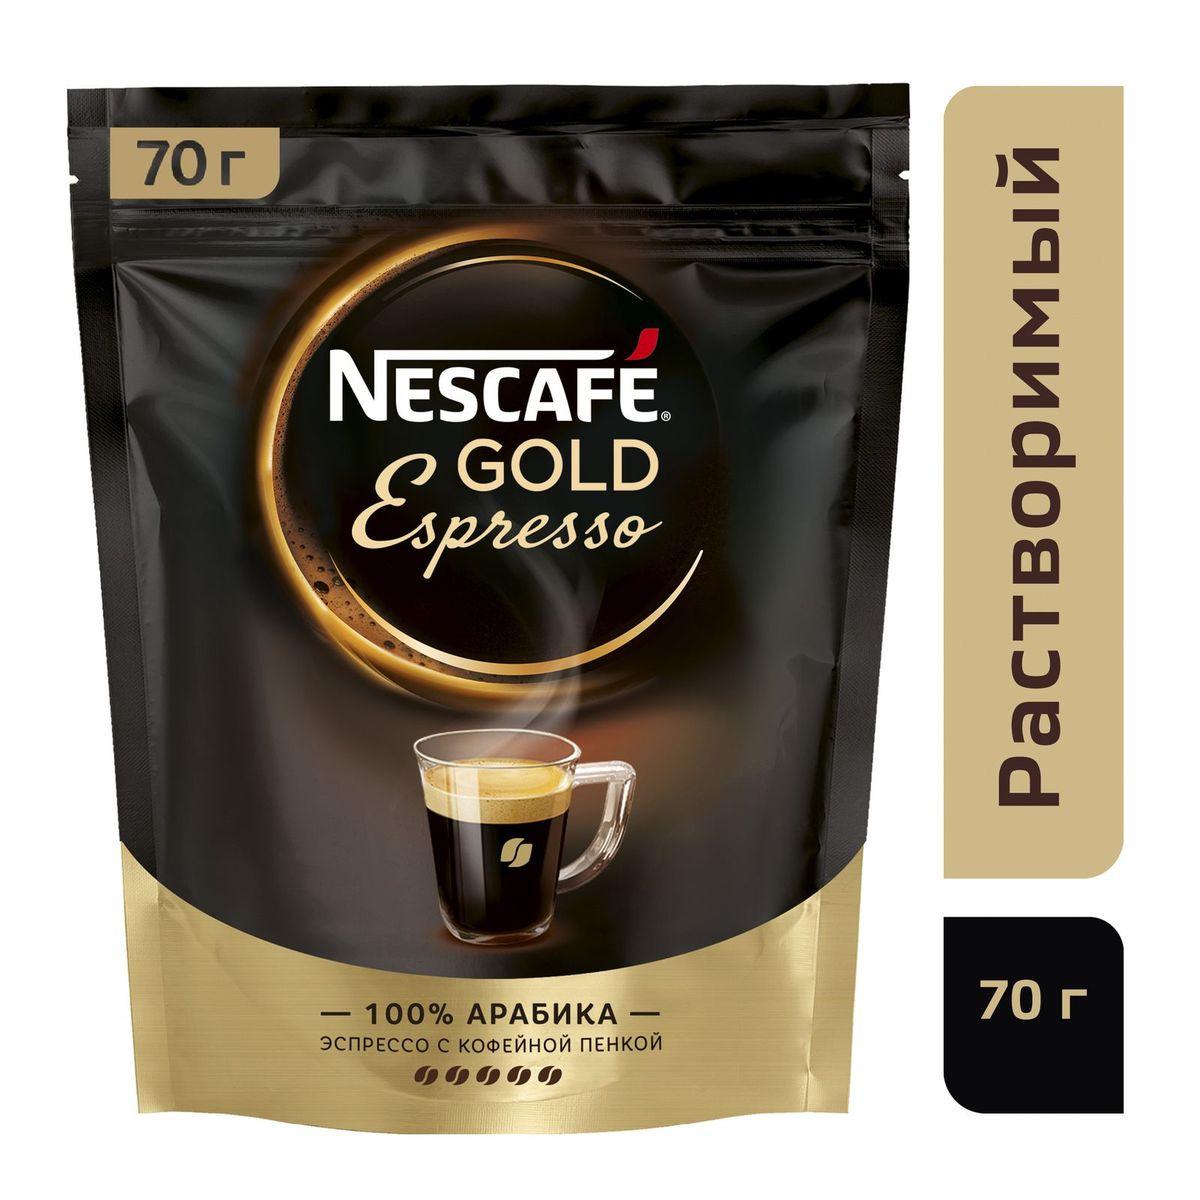 Кофе растворимый Nescafe Gold Espresso, 70 г